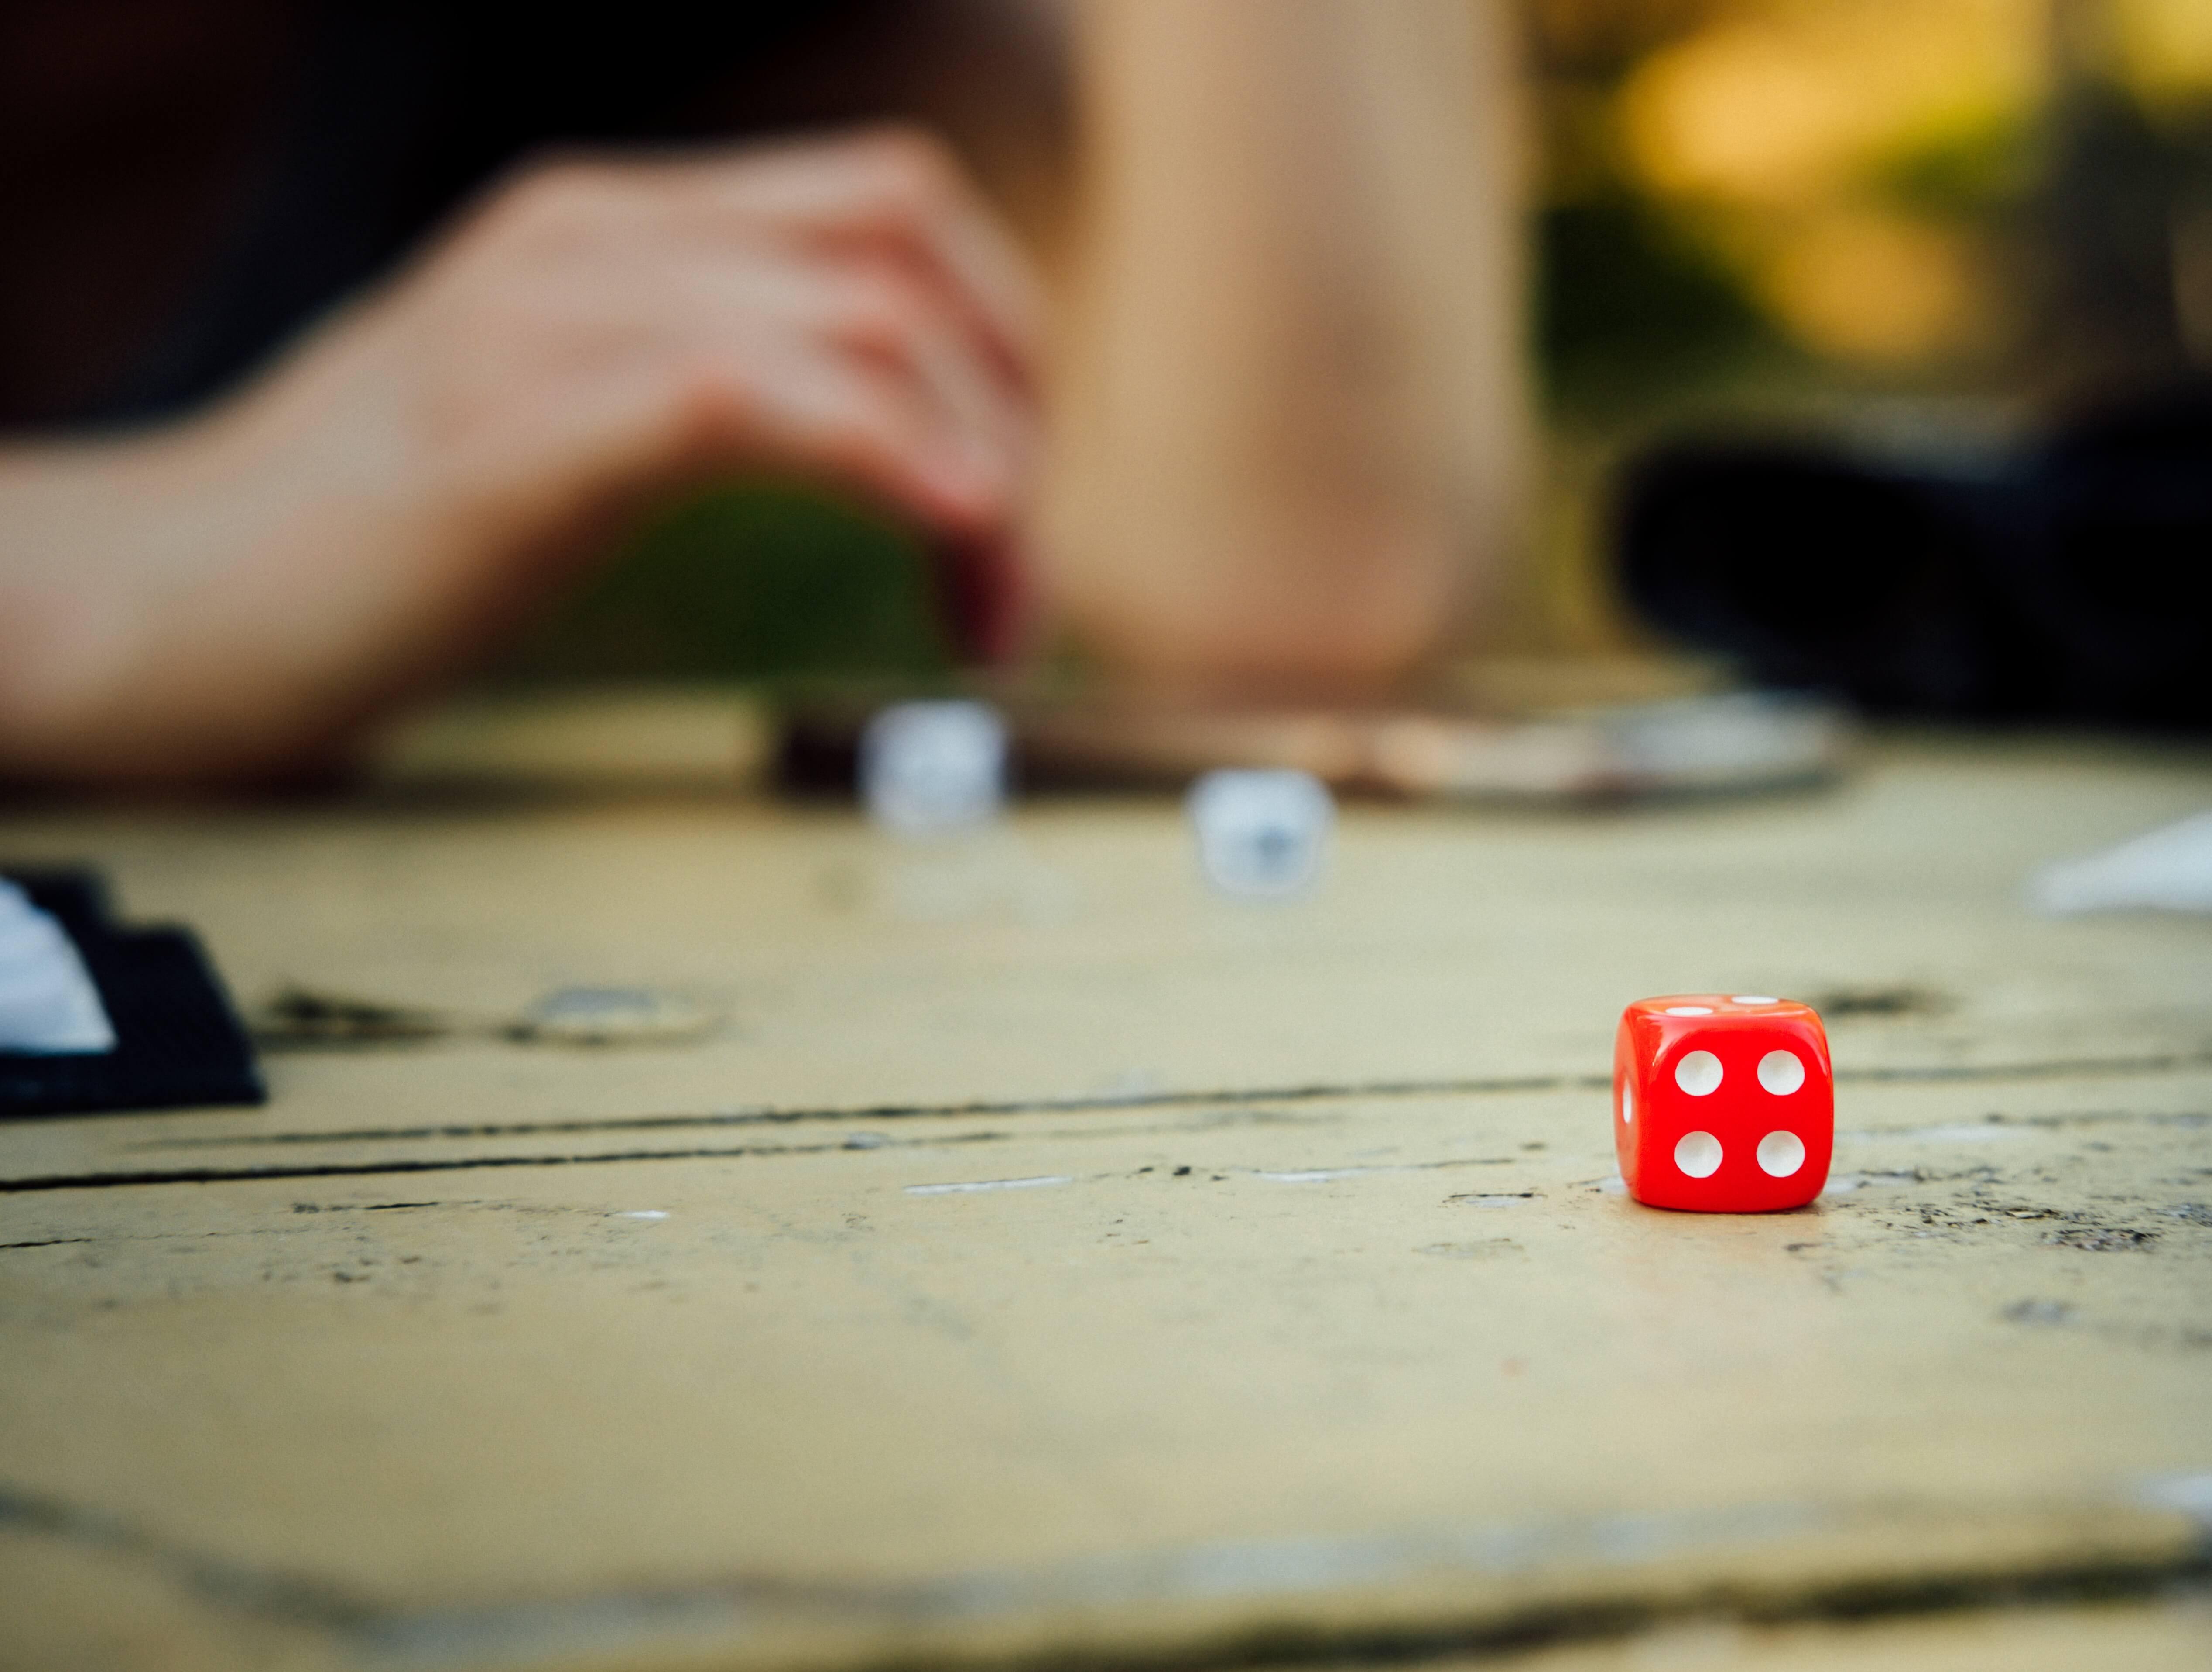 Como Os Jogos Ganham A Atenção De Alunos?